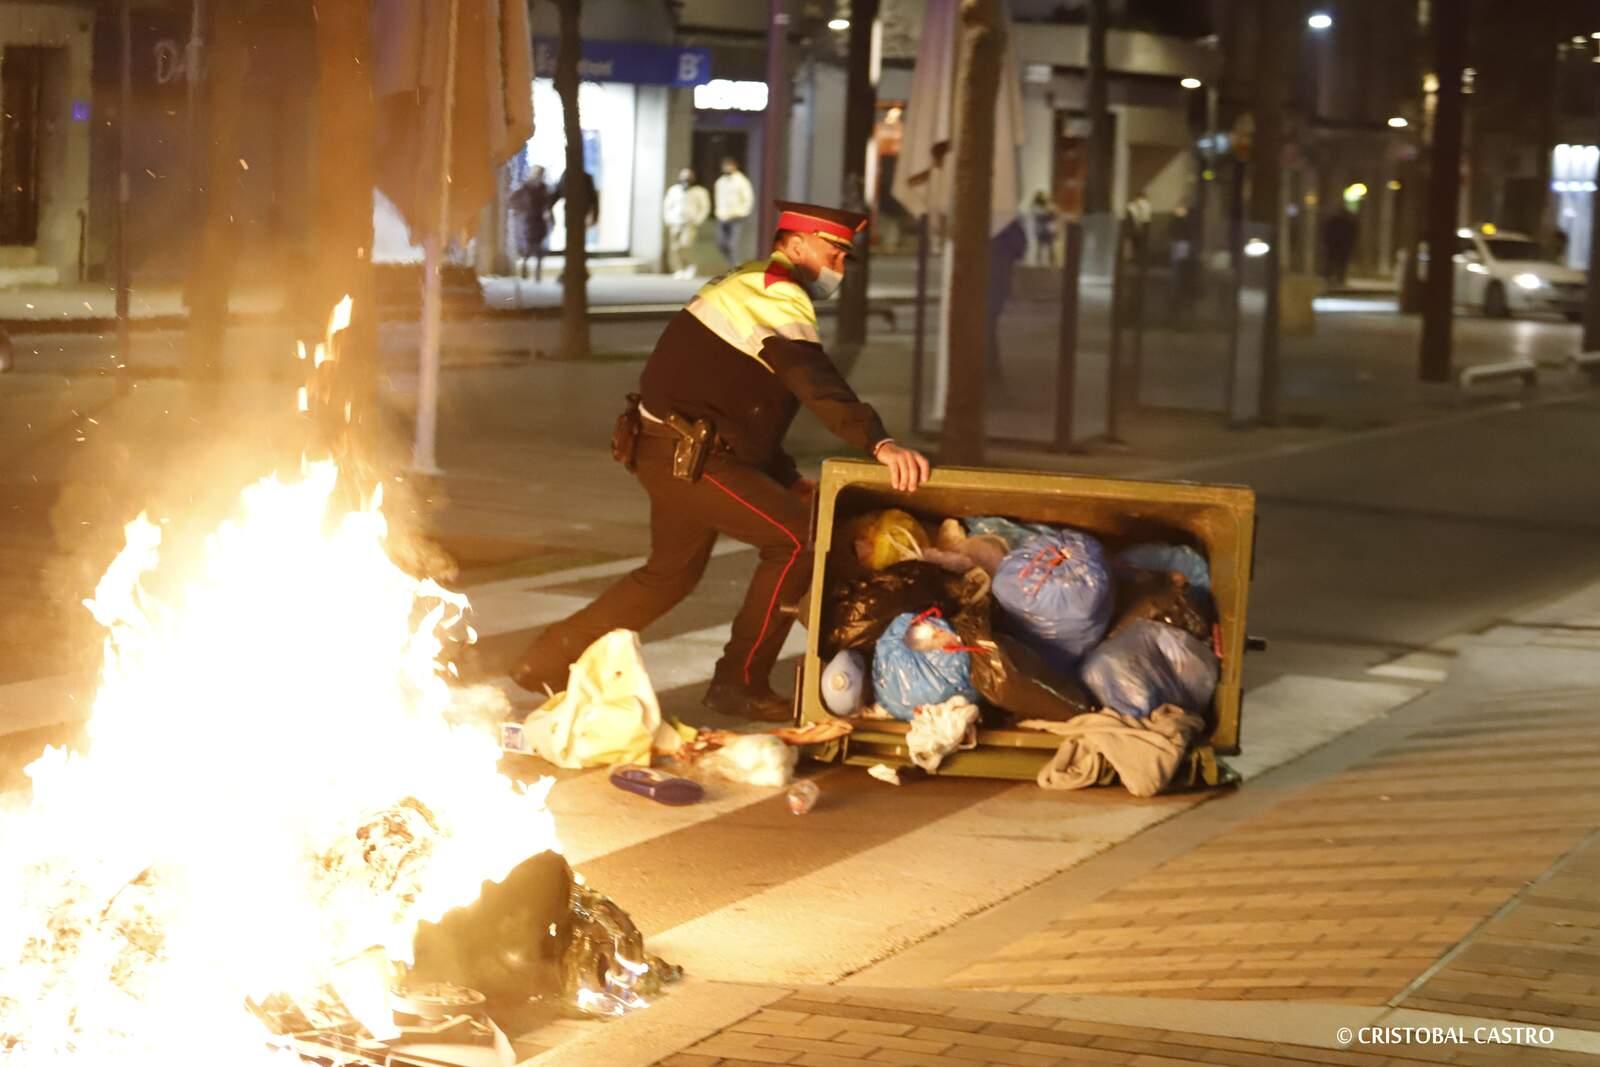 Contenidors cremats, aldarulls i càrregues policials a Terrassa